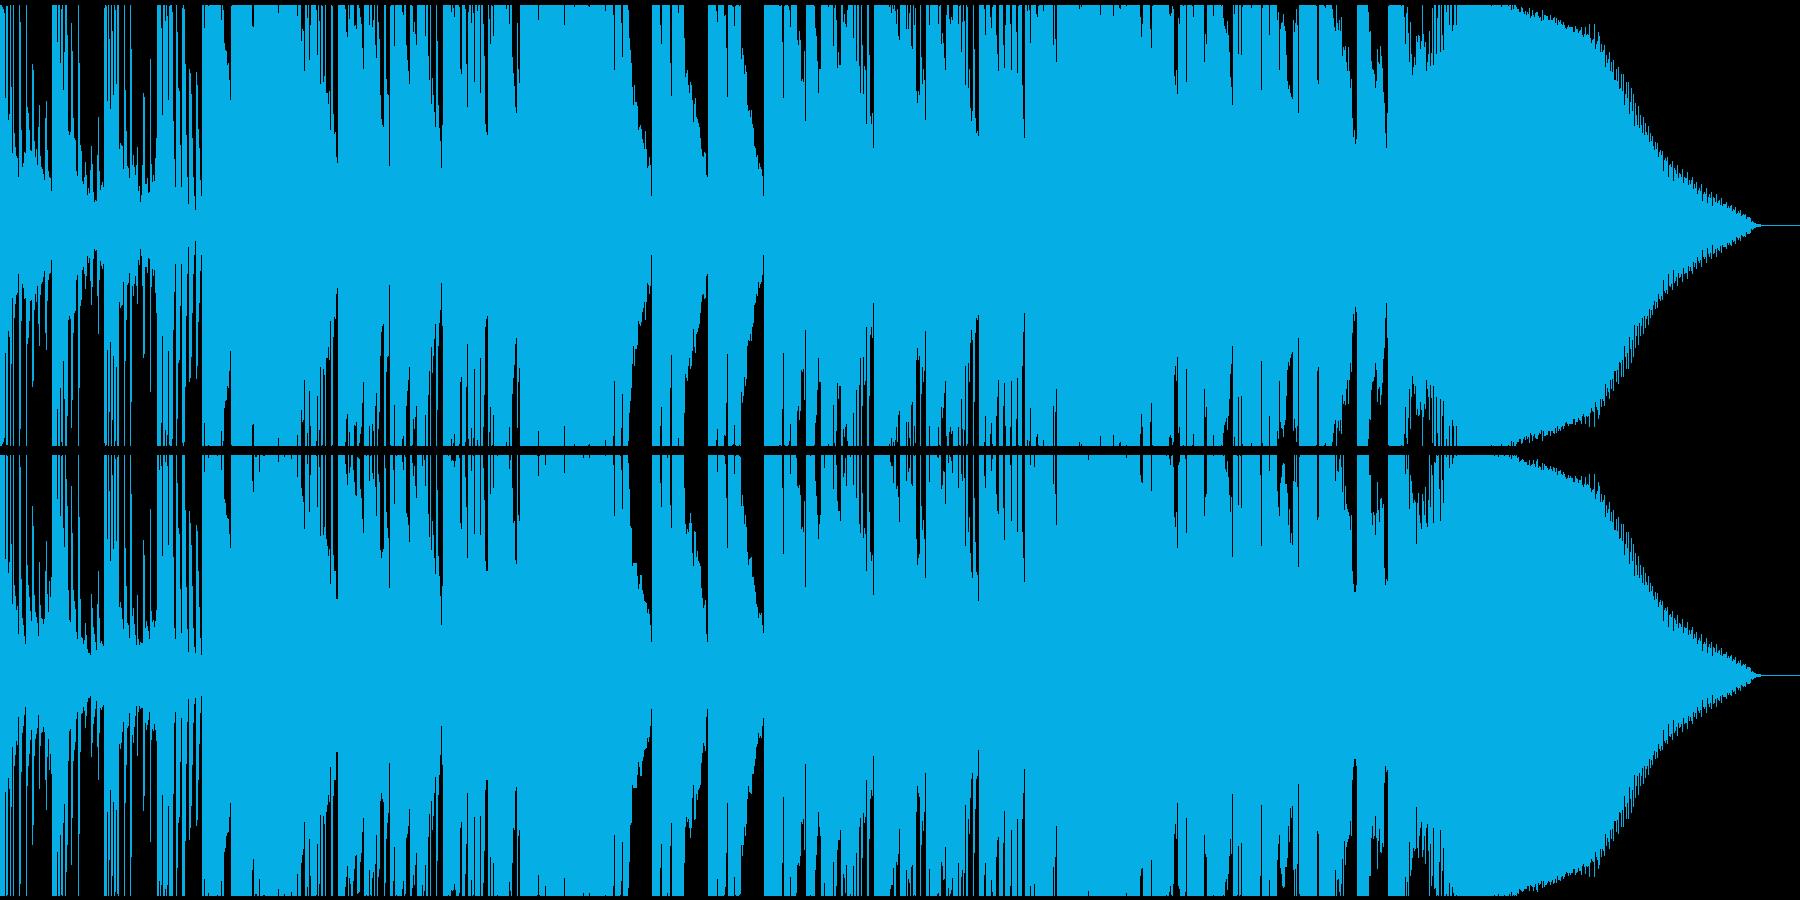 波の音に乗せたピアノとベースのインストの再生済みの波形